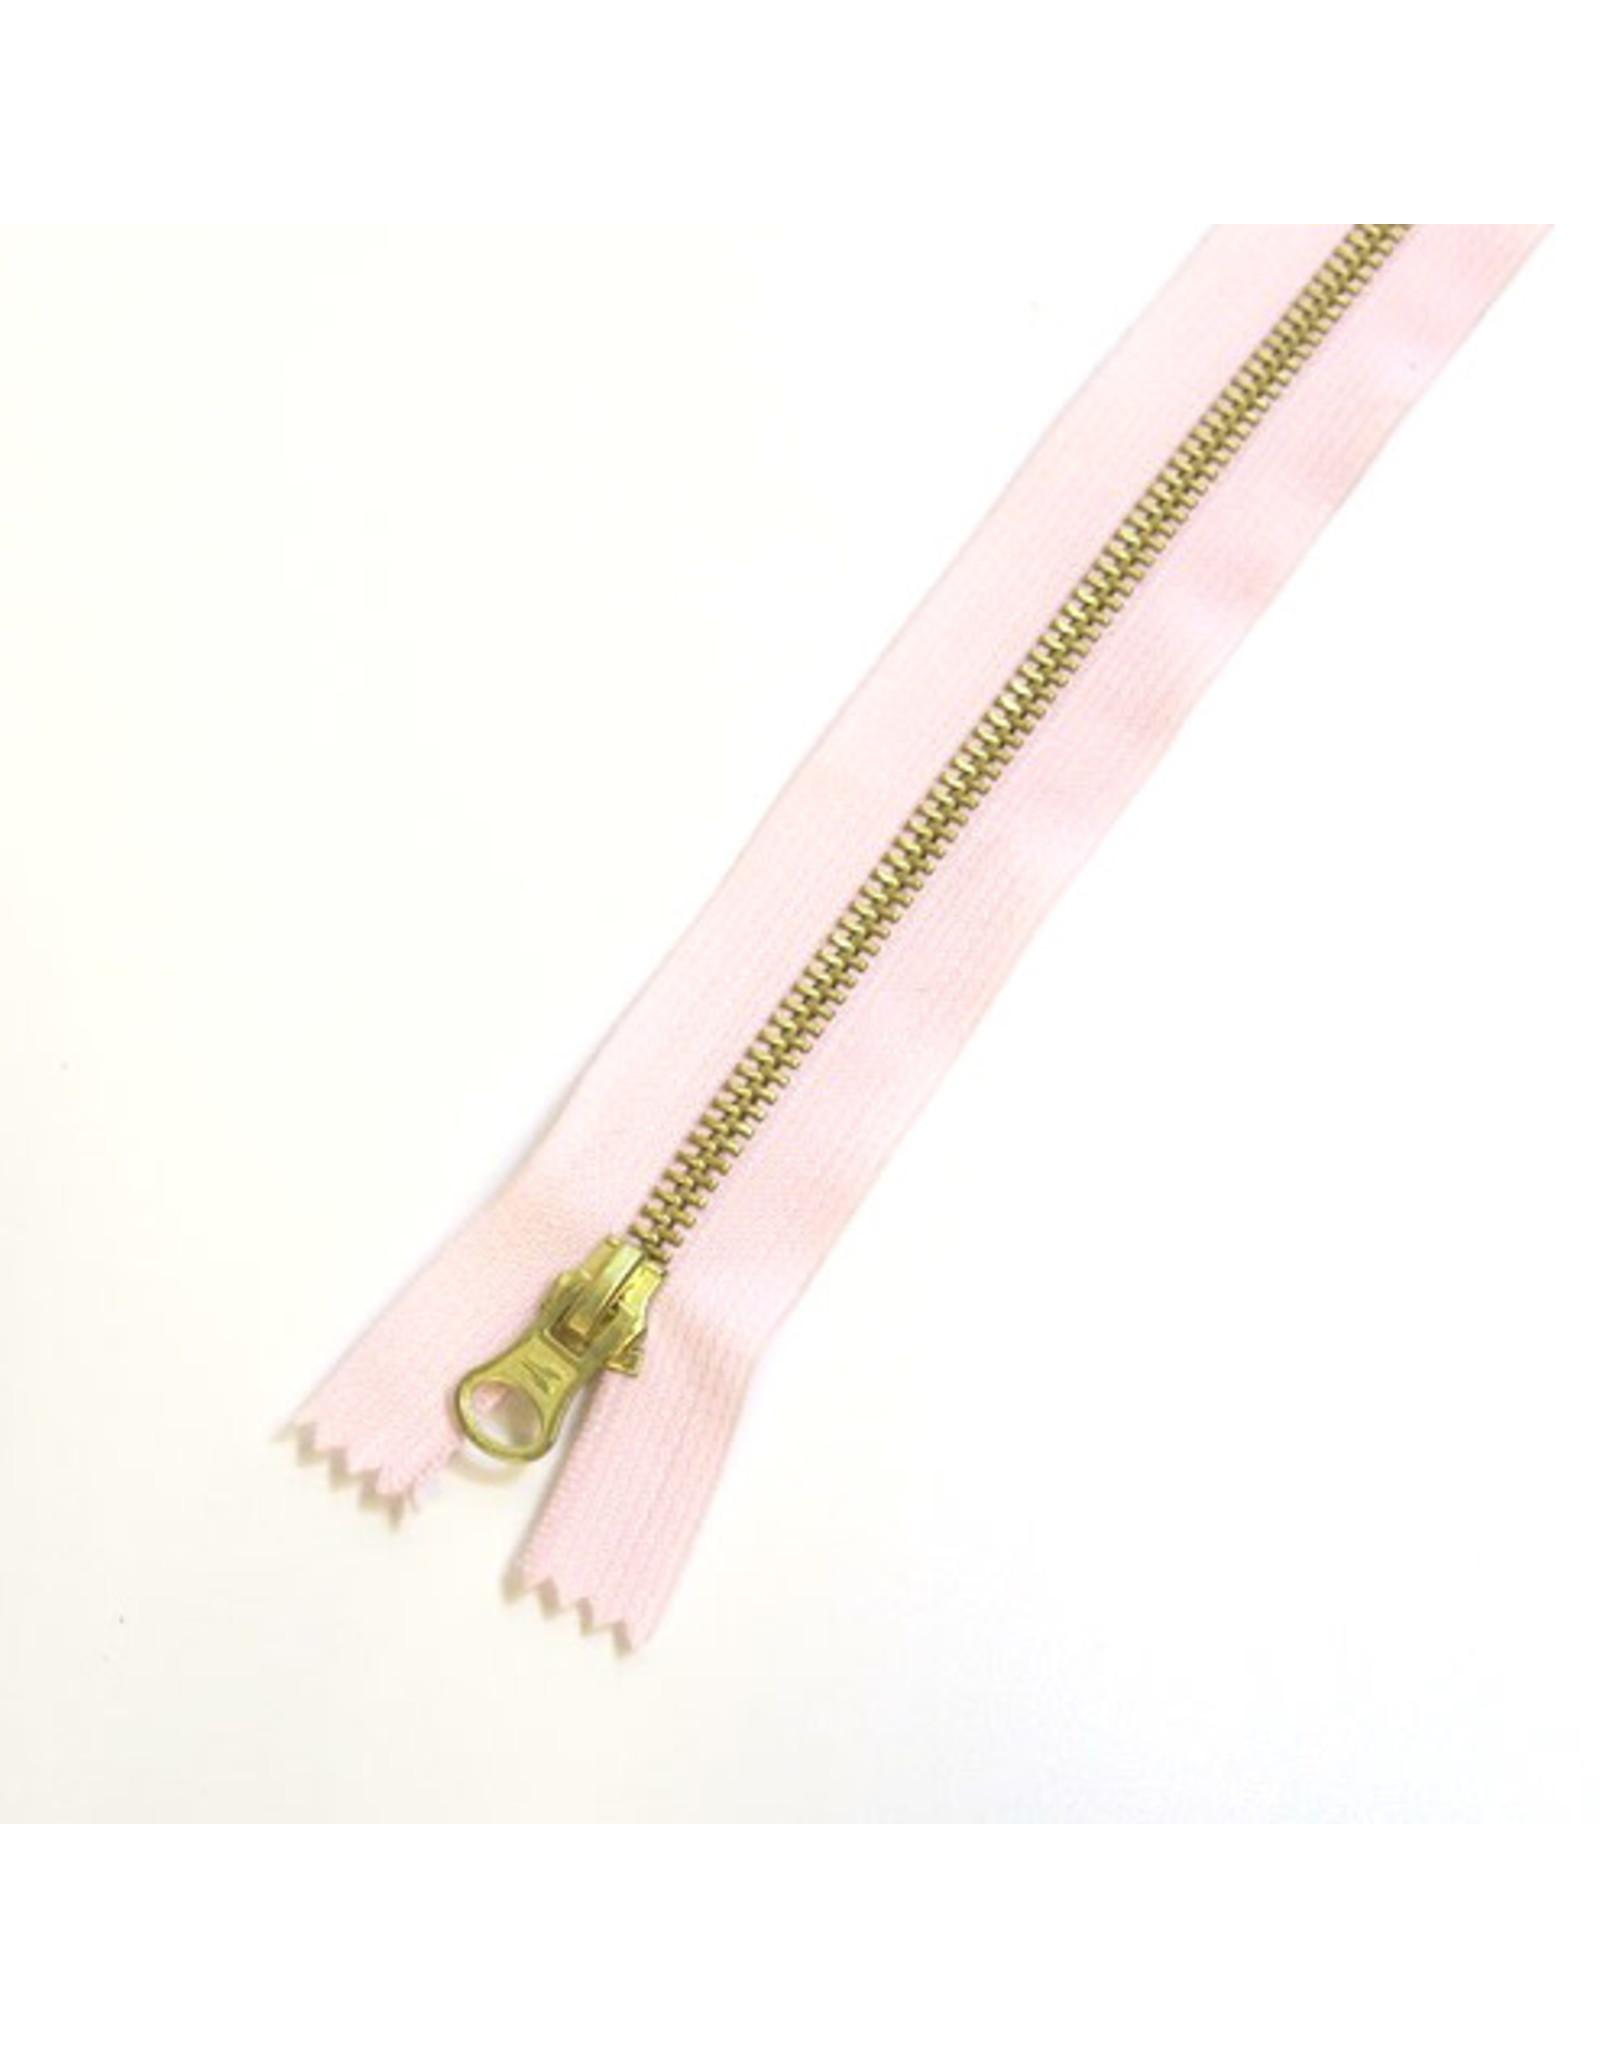 Metal zipper BABY PINK